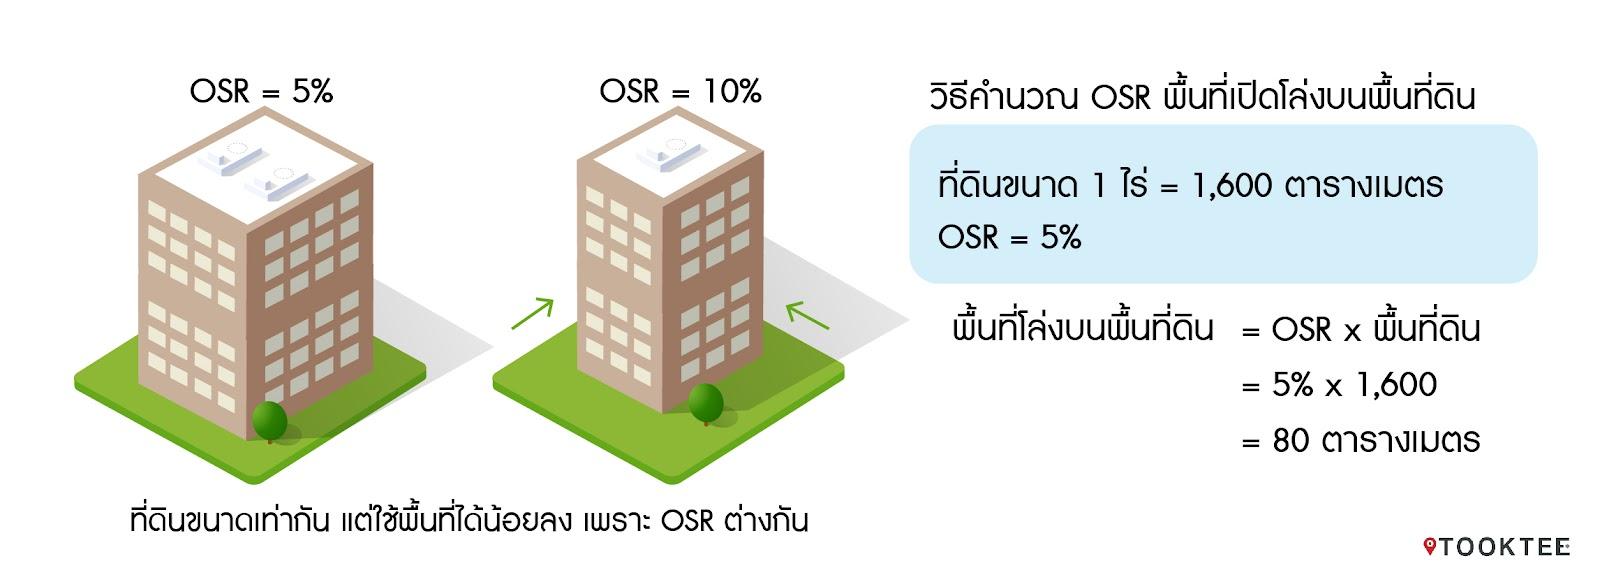 รูปบทความ : FAR และ OSR คืออะไร? ตรวจสอบอย่างไรว่าสร้างอาคารได้ขนาดเท่าไหร่?